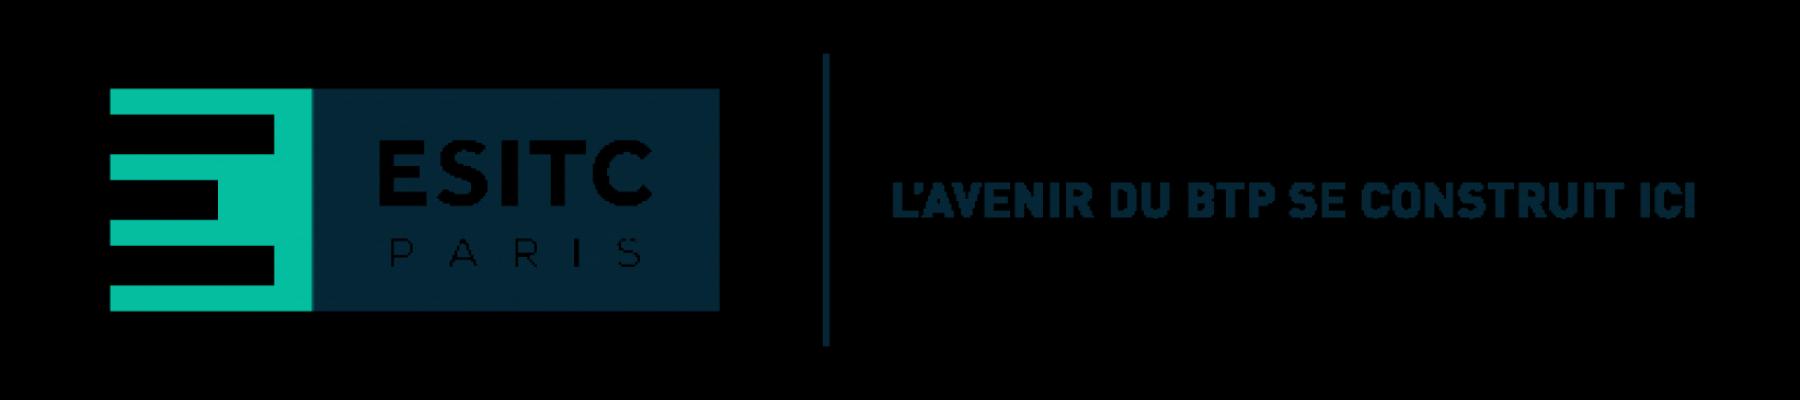 Rentrée de septembre 2017 à l'ESITC Cachan : Lettre d'Olivier Aucouturier, Directeur